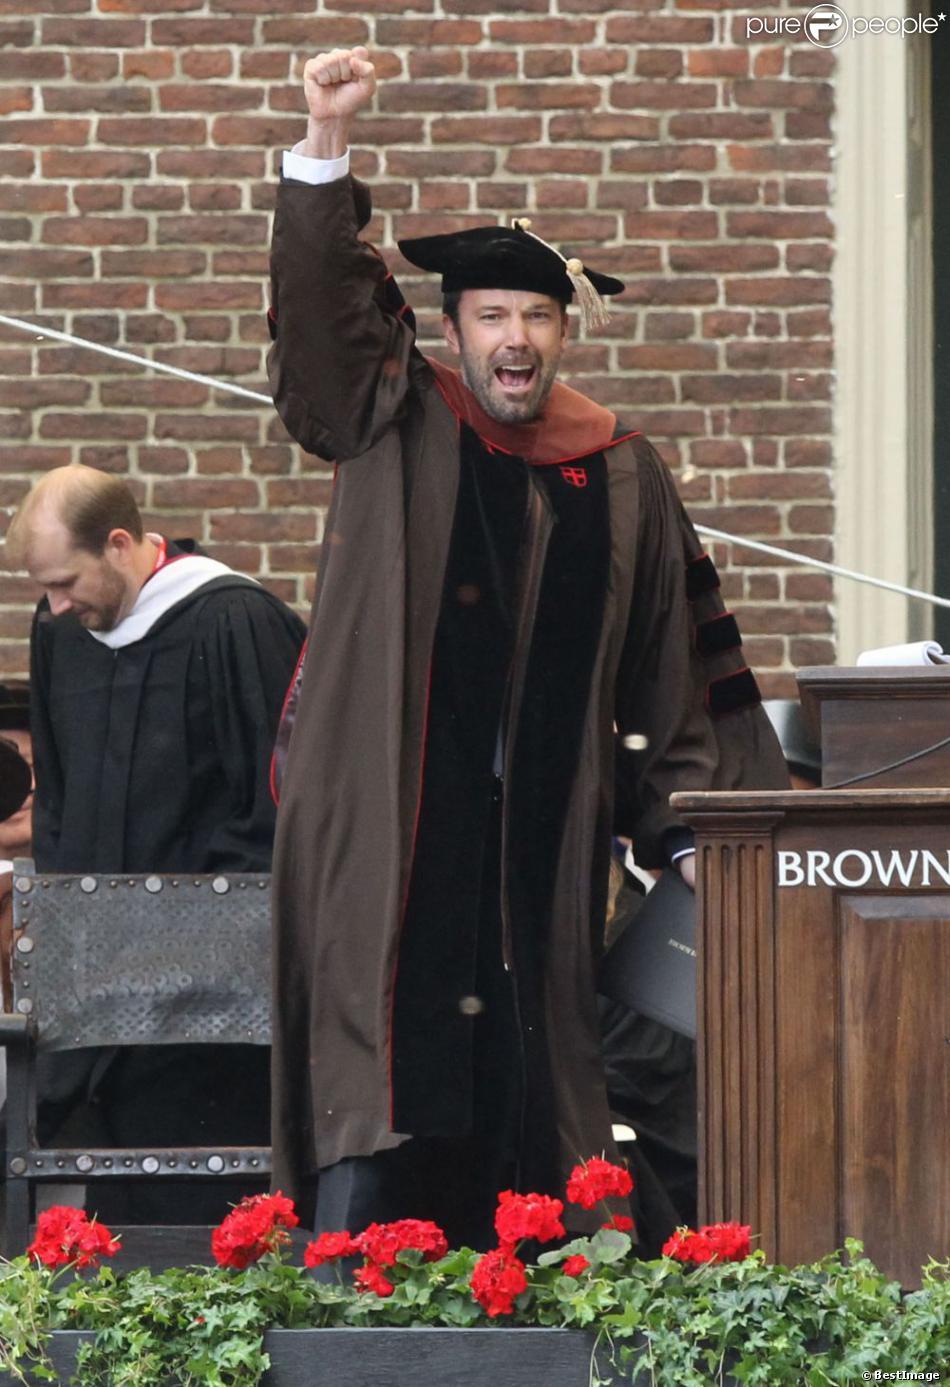 """Ben Affleck, heureux, reçoit le doctorat d'honneur de l'Université de Brown à Rhode Island, le 25 mai 2013. L'acteur et réalisateur reçoit un doctorat d'honneur en beaux-arts pour ses travaux, notamment son dernier film """"Argo""""."""